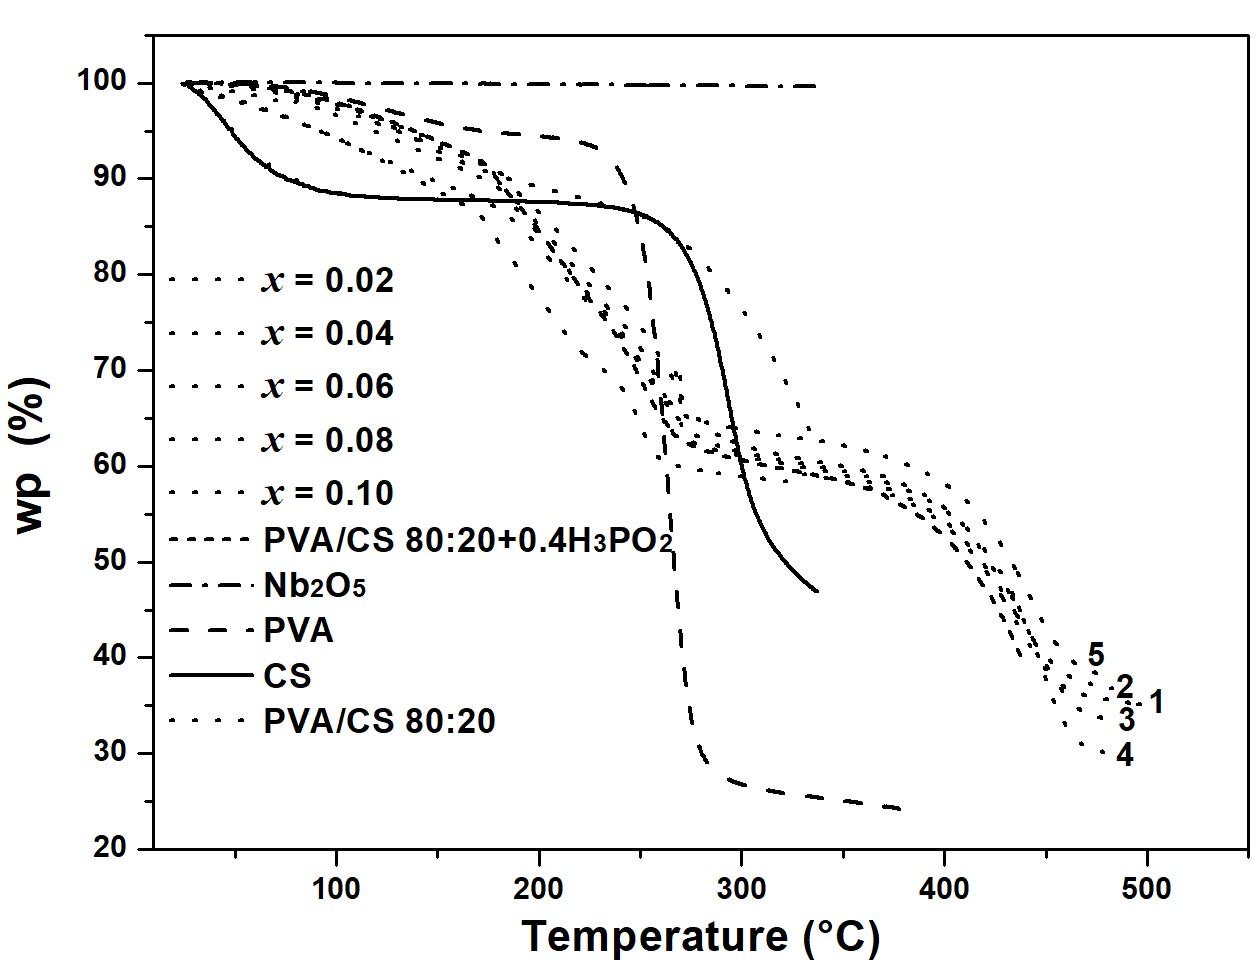 Curvas de termogravimetría (peso porcentual contra temperatura) para: PVA (línea a trazo), CS (línea sólida), CS/PVA 80–20 (línea punteada), N2bO5 (línea a trazopunteada), PVA/CS 80:20 + 0.4H3PO2 (línea punteada acortada) y PVA/CS 80:20 + 0.40H3P02 con concentraciones desde x = 0.02 (línea punteada 1), 0.04 (línea punteada 2), 0.06 (línea punteada 3), 0.08 (línea punteada 4) y 0.10 (línea punteada 5).